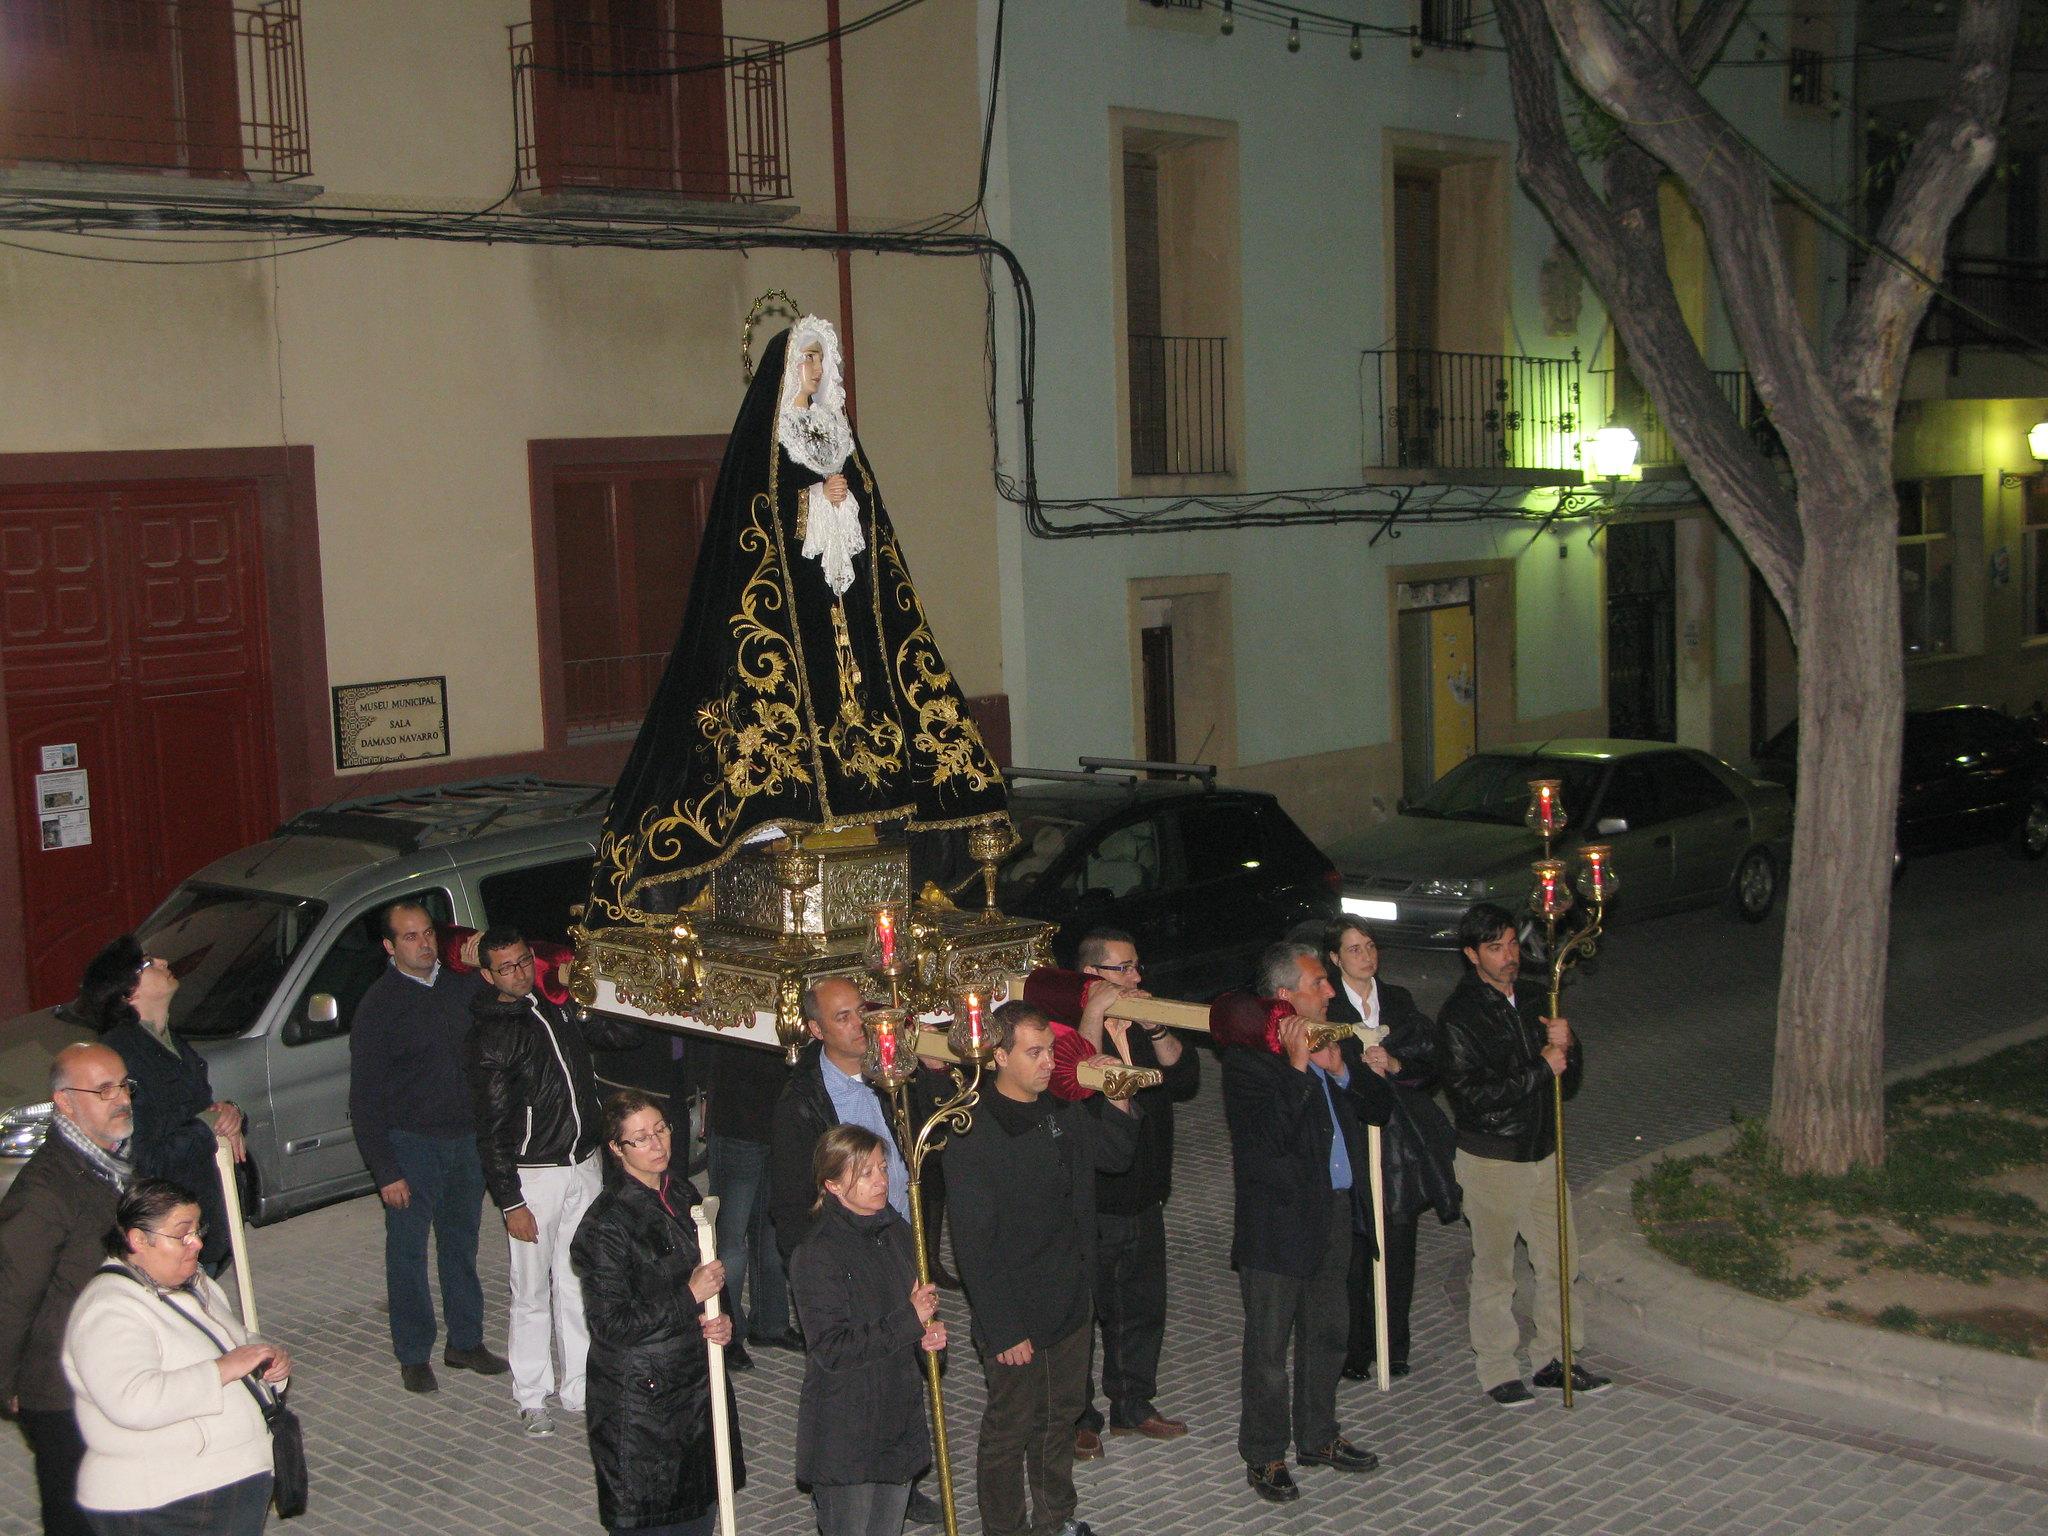 (2011-04-15) - II Vía Crucis nocturno -  Antonio Verdú Navarro (24)